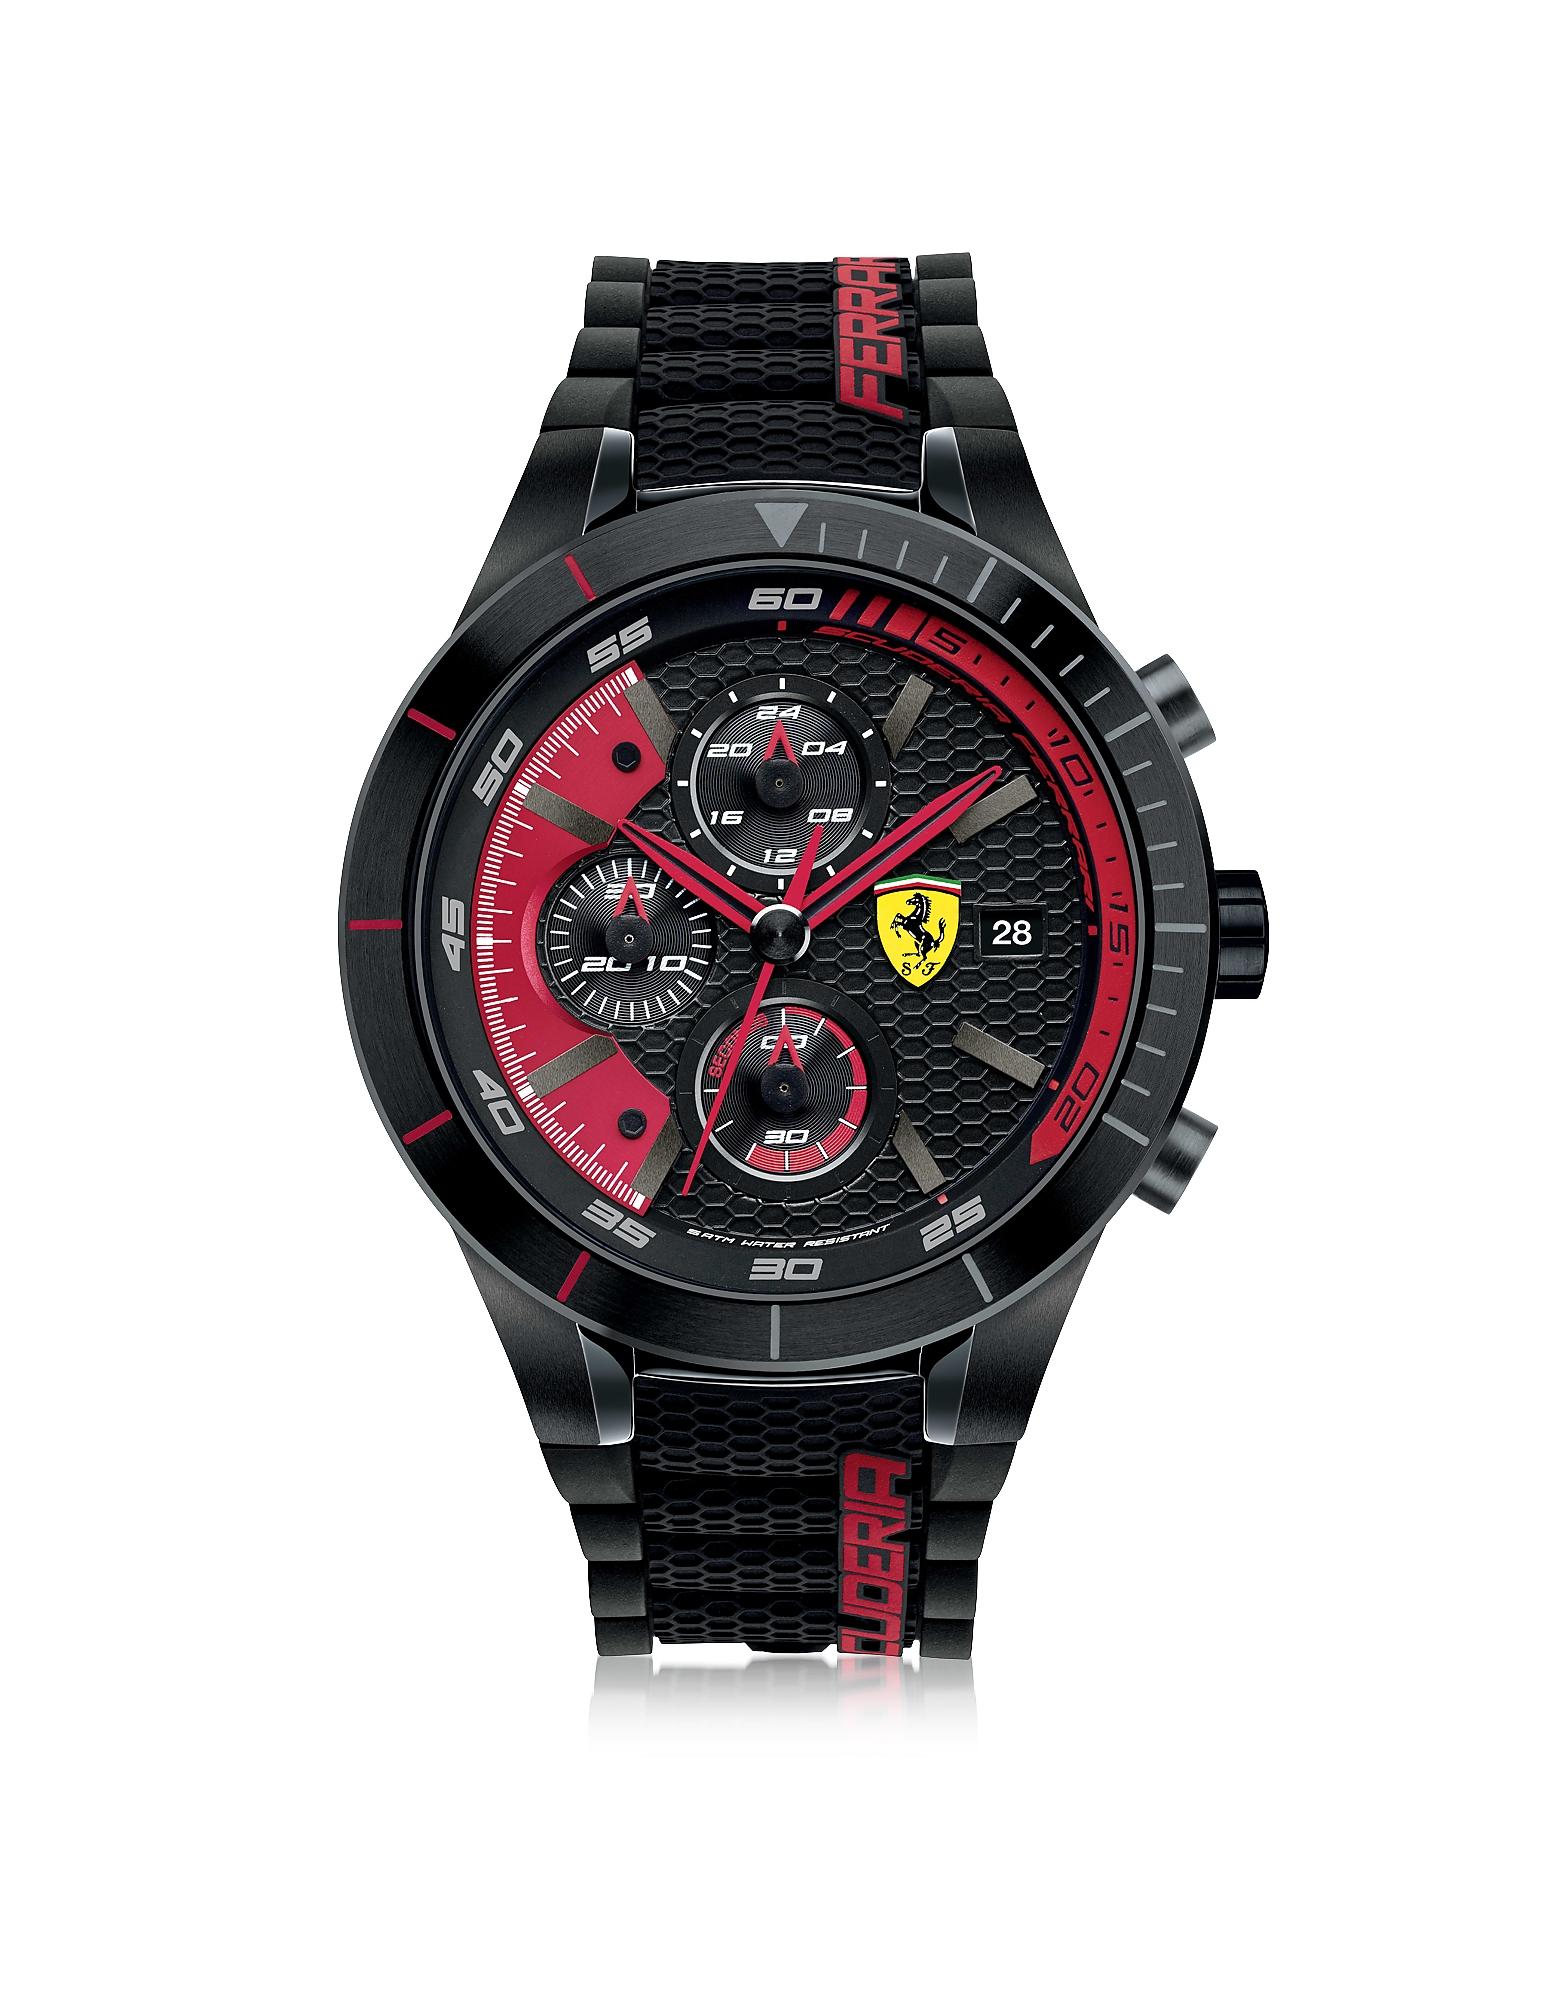 Red Rev Evo - Черные и Красные Мужские Часы Хронограф из Нержавеющей Стали с Силиконовым Ремешком